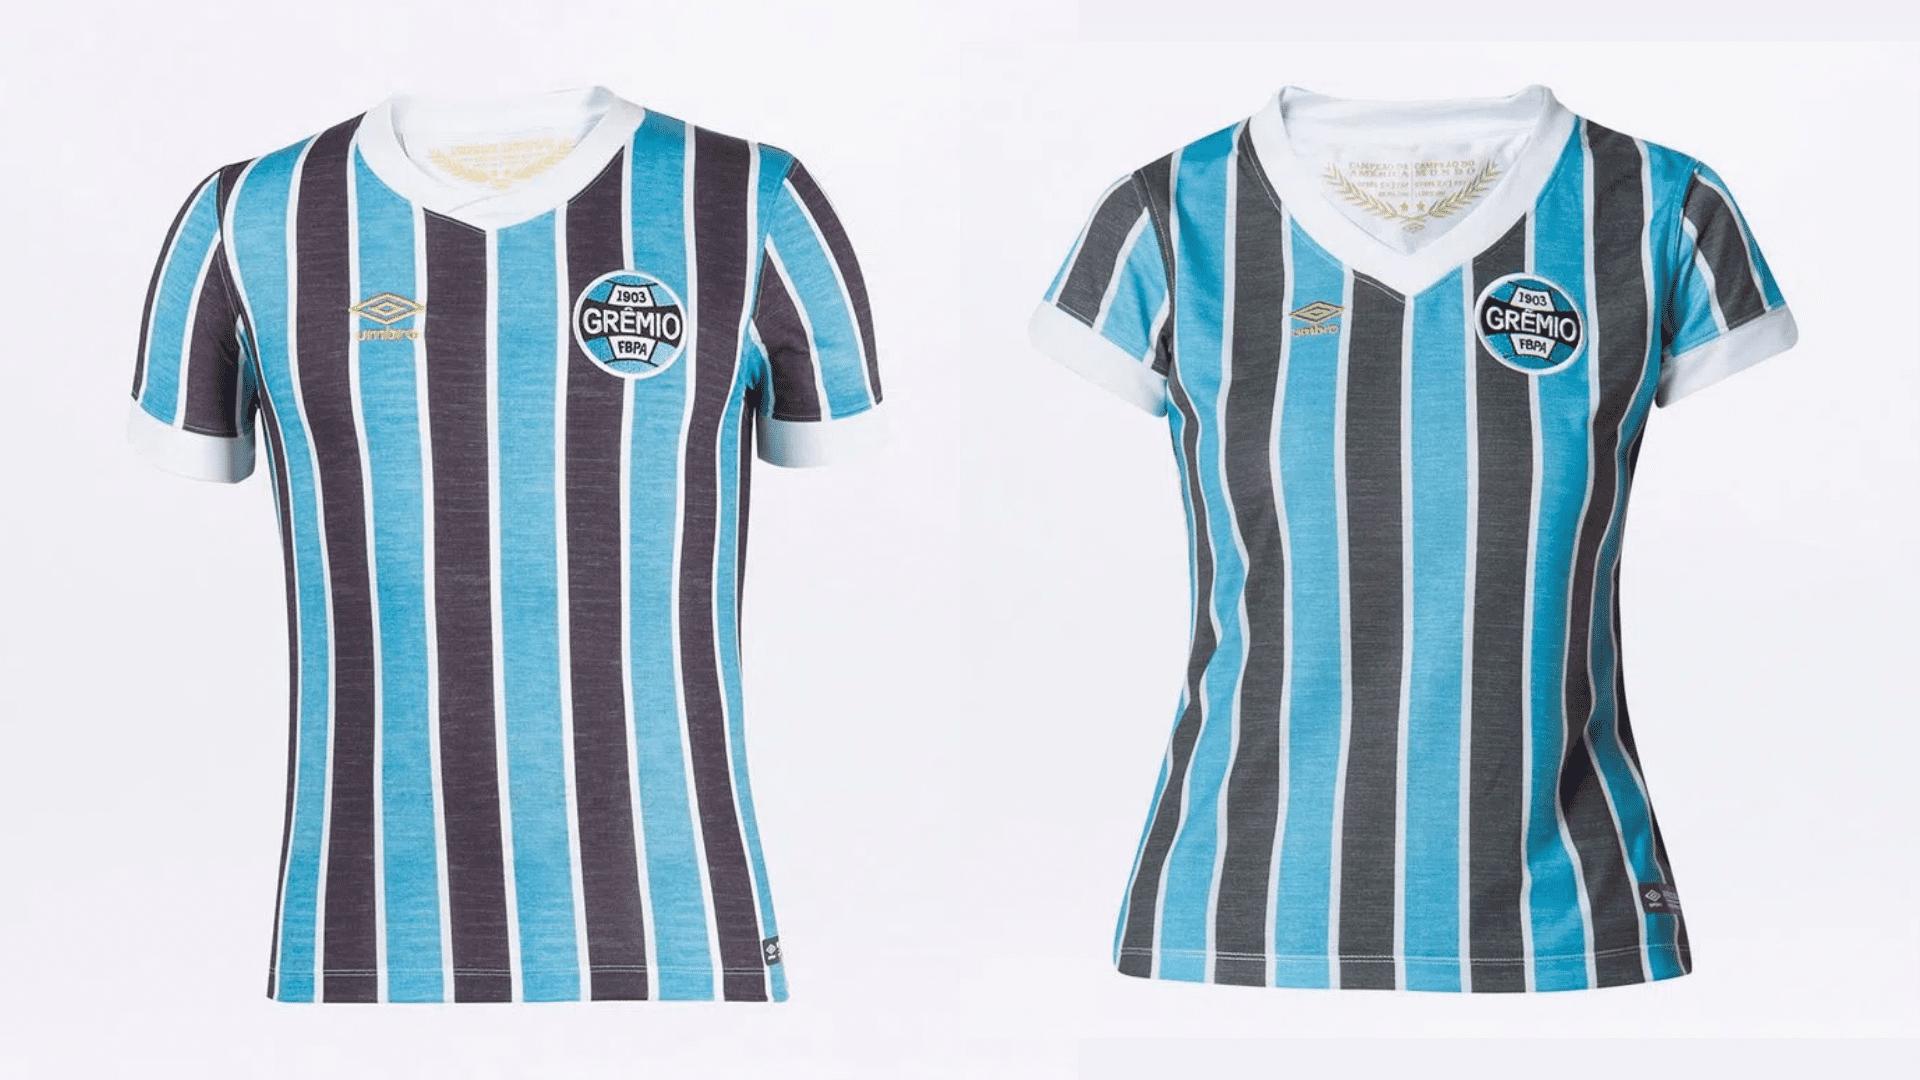 Camisa do Grêmio Retrô 1983 (Imagem: Divulgação/Umbro)